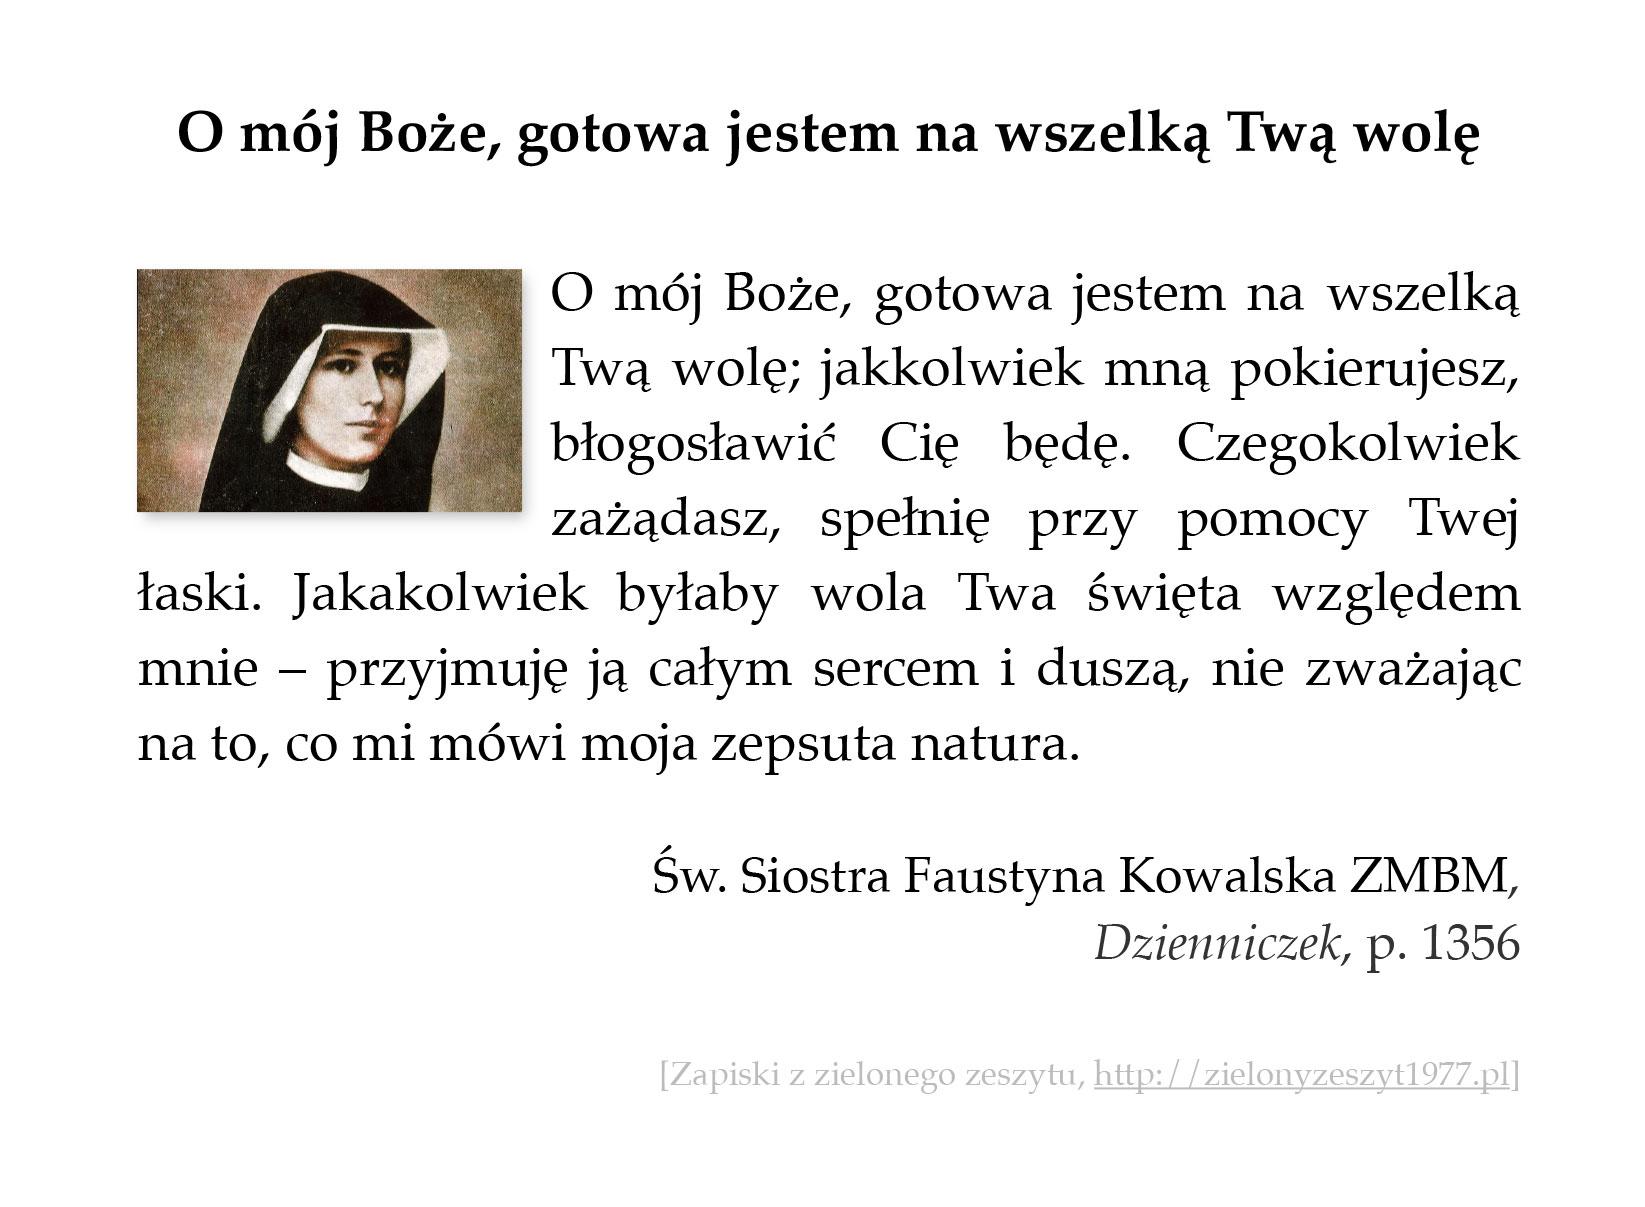 O mój Boże, gotowa jestem na wszelką Twą wolę, św. Faustyna Kowalska